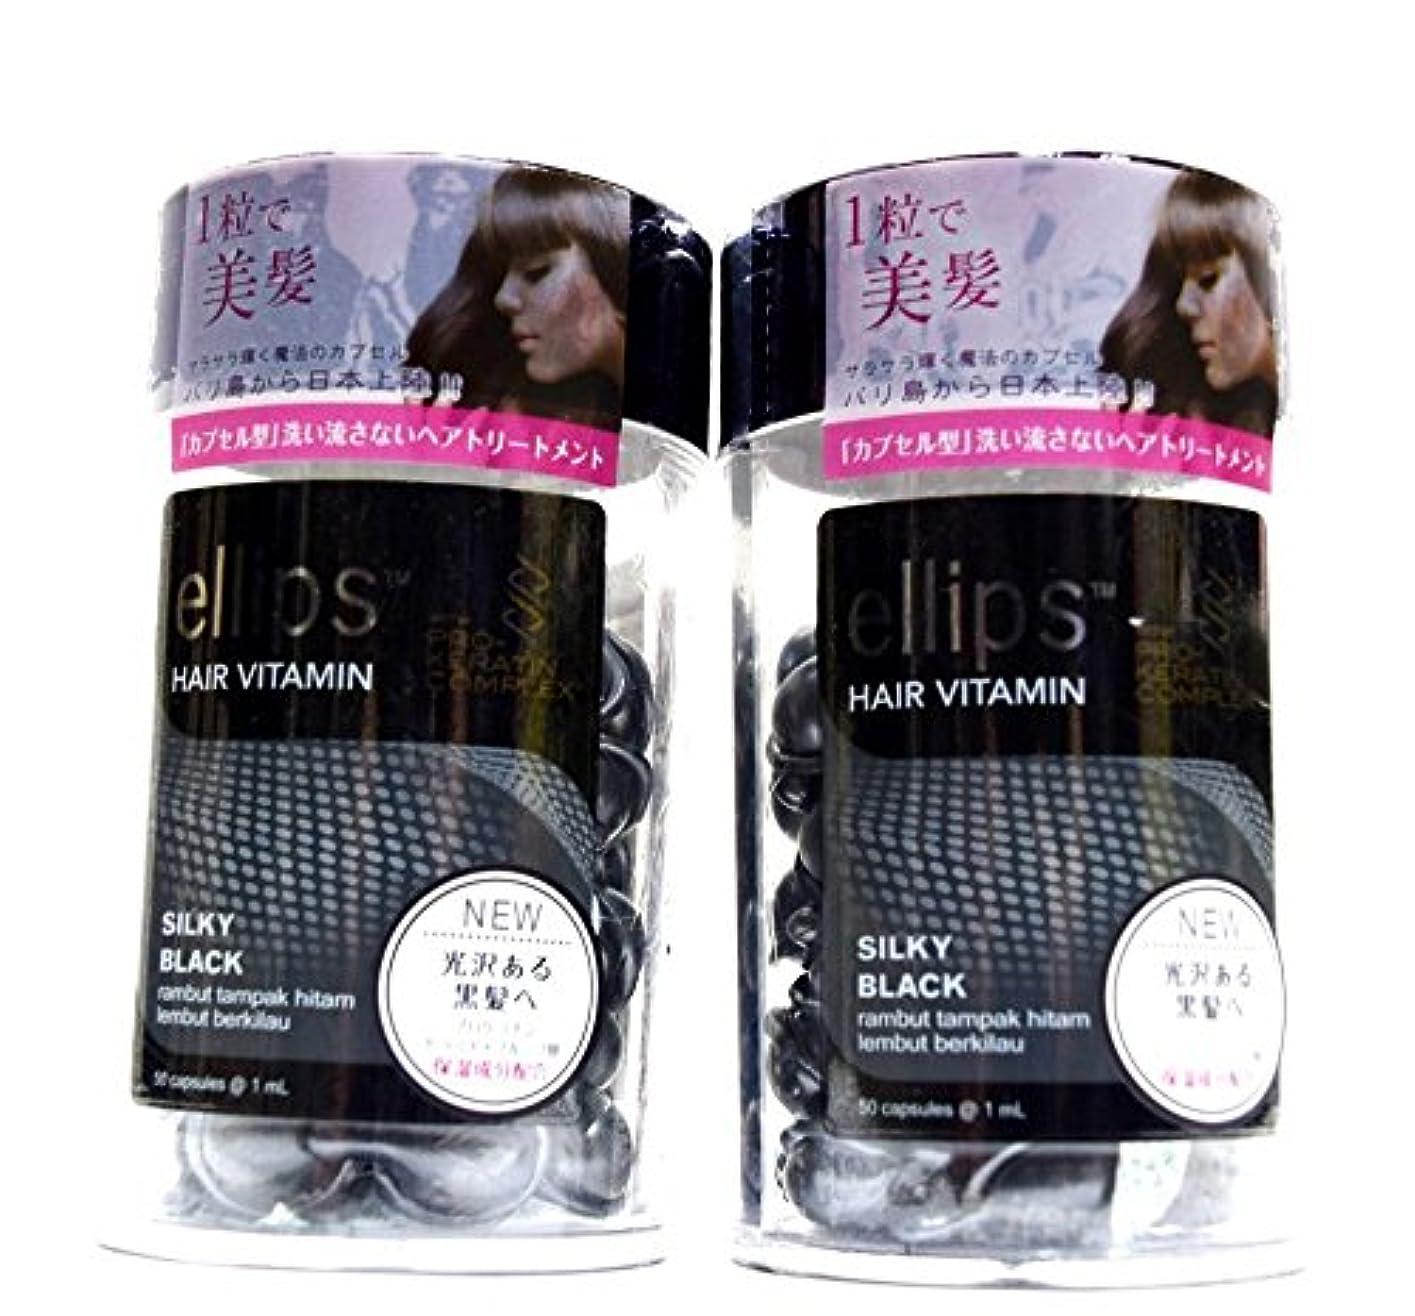 エリップス ellips 正規品 ヘアビタミン プロケラチンコンプレックス配合 50粒入り 2本セット 洗い流さない トリートメント プロ用 日本語成分表 (SILKY BLACK ブラック)